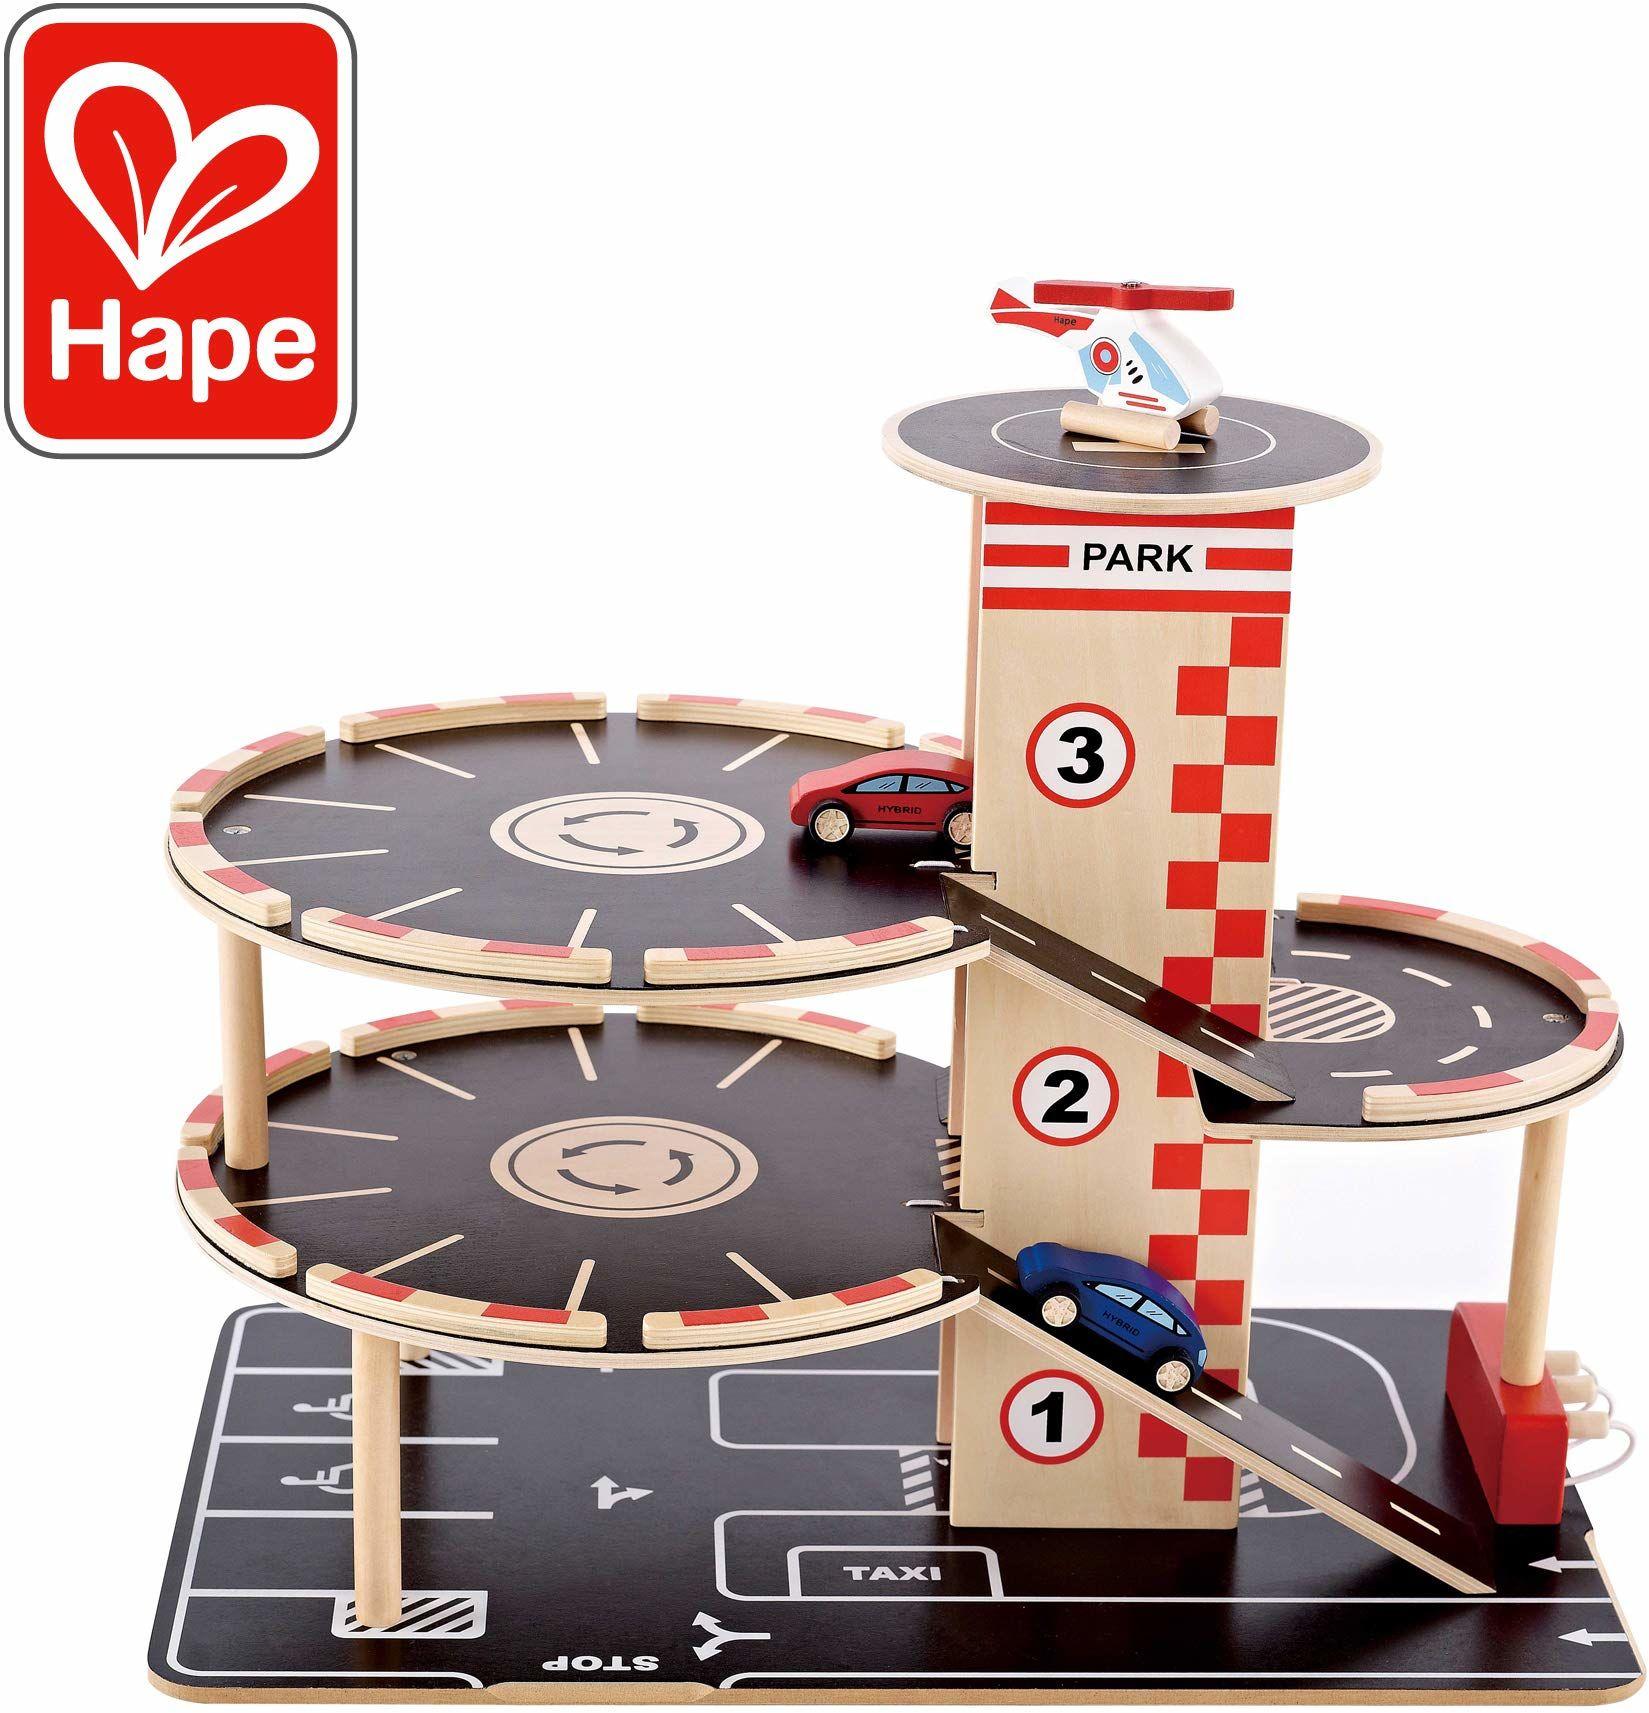 Hape Domek parkingowy z drewna dla dzieci, zestaw do zabawy, rampa najazdowa z trzema parkingami i stacją benzynową